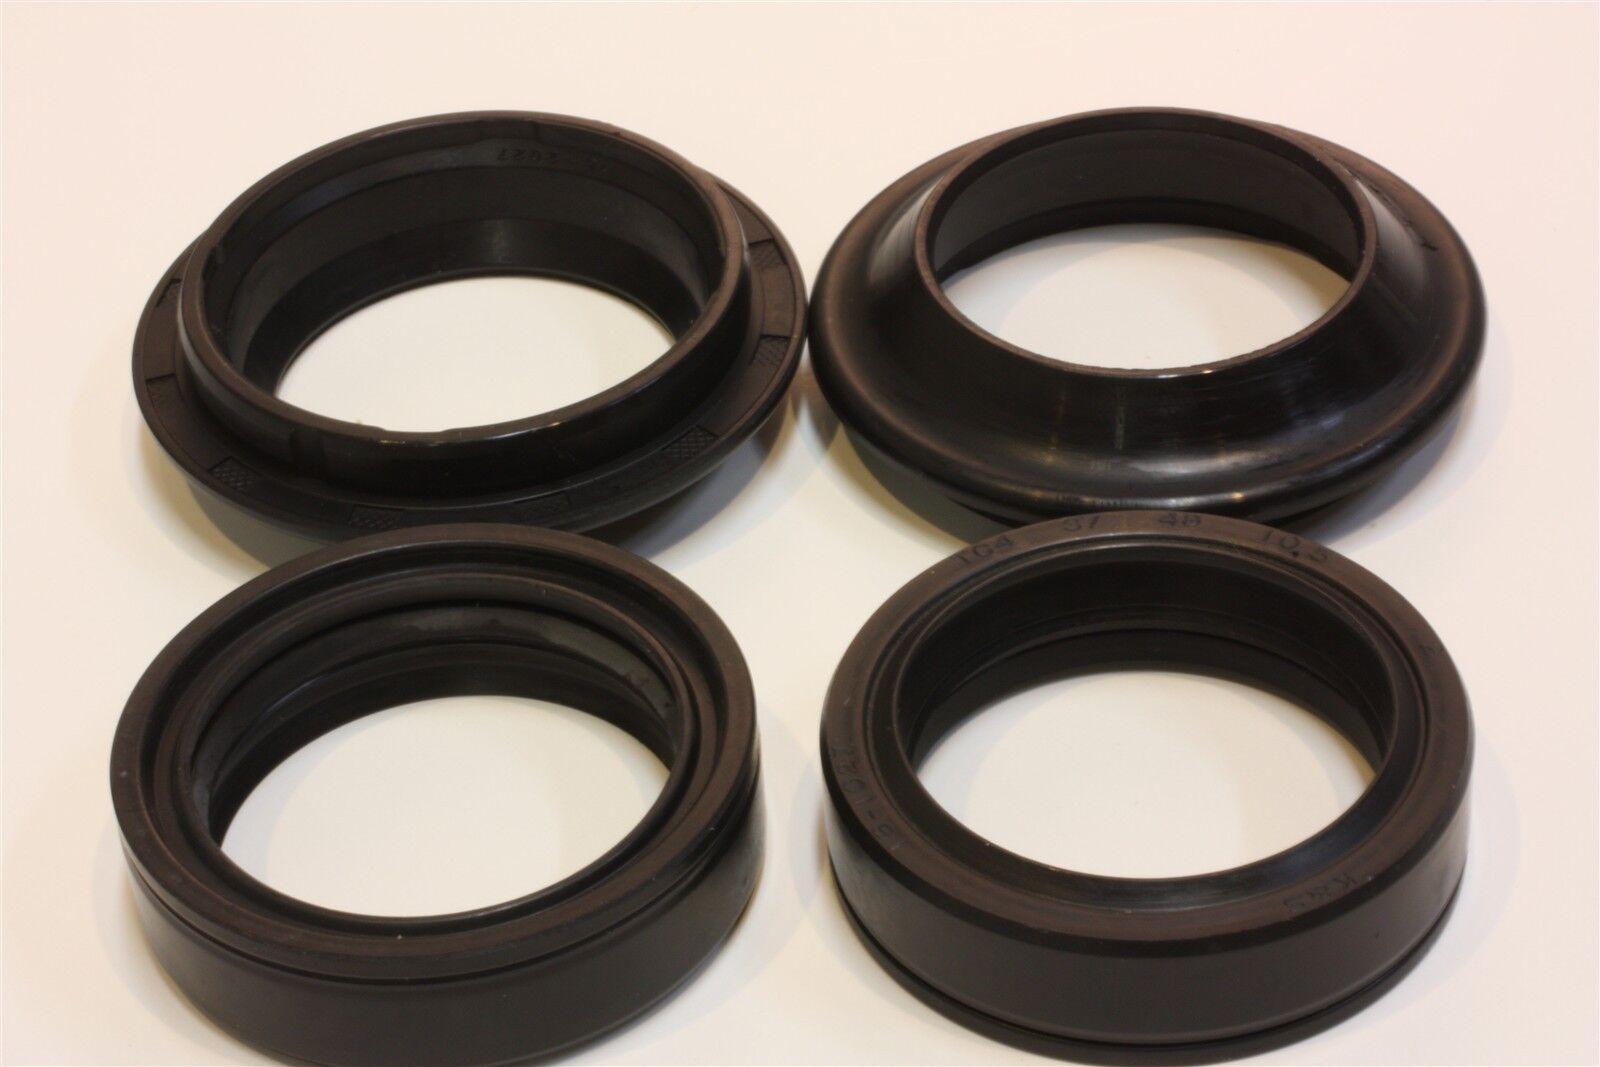 Fork /& Dust Seal Kit Kawasaki KDX200 86-92,KX125 83-87,KX250 82-87,KX500 83-87